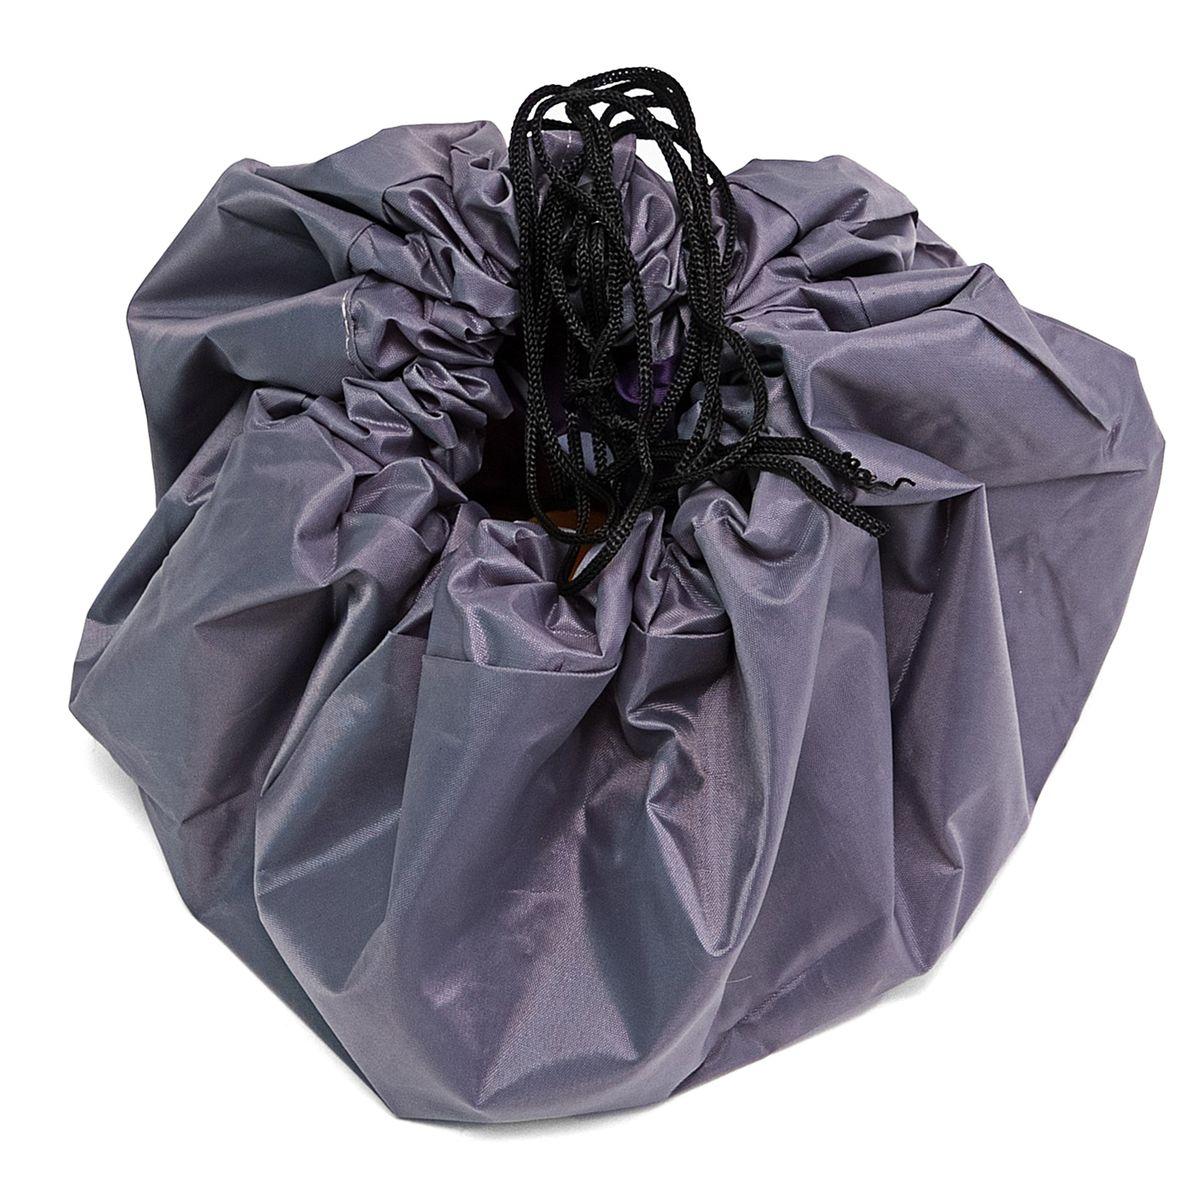 Сумка-коврик Homsu Лужайка, цвет: фиолетовый, 80х80 смR-106Сумка-коврик это оригинальный способ хранения и транспортировки детских игрушек. В разложенном состоянии - это поле для игры, а когда нужно собрать игрушки, он затягивается на шнурок и превращается в удобную сумку. Выполнен из прочного, но мягкого канваса. Размер изделия: 80х80см